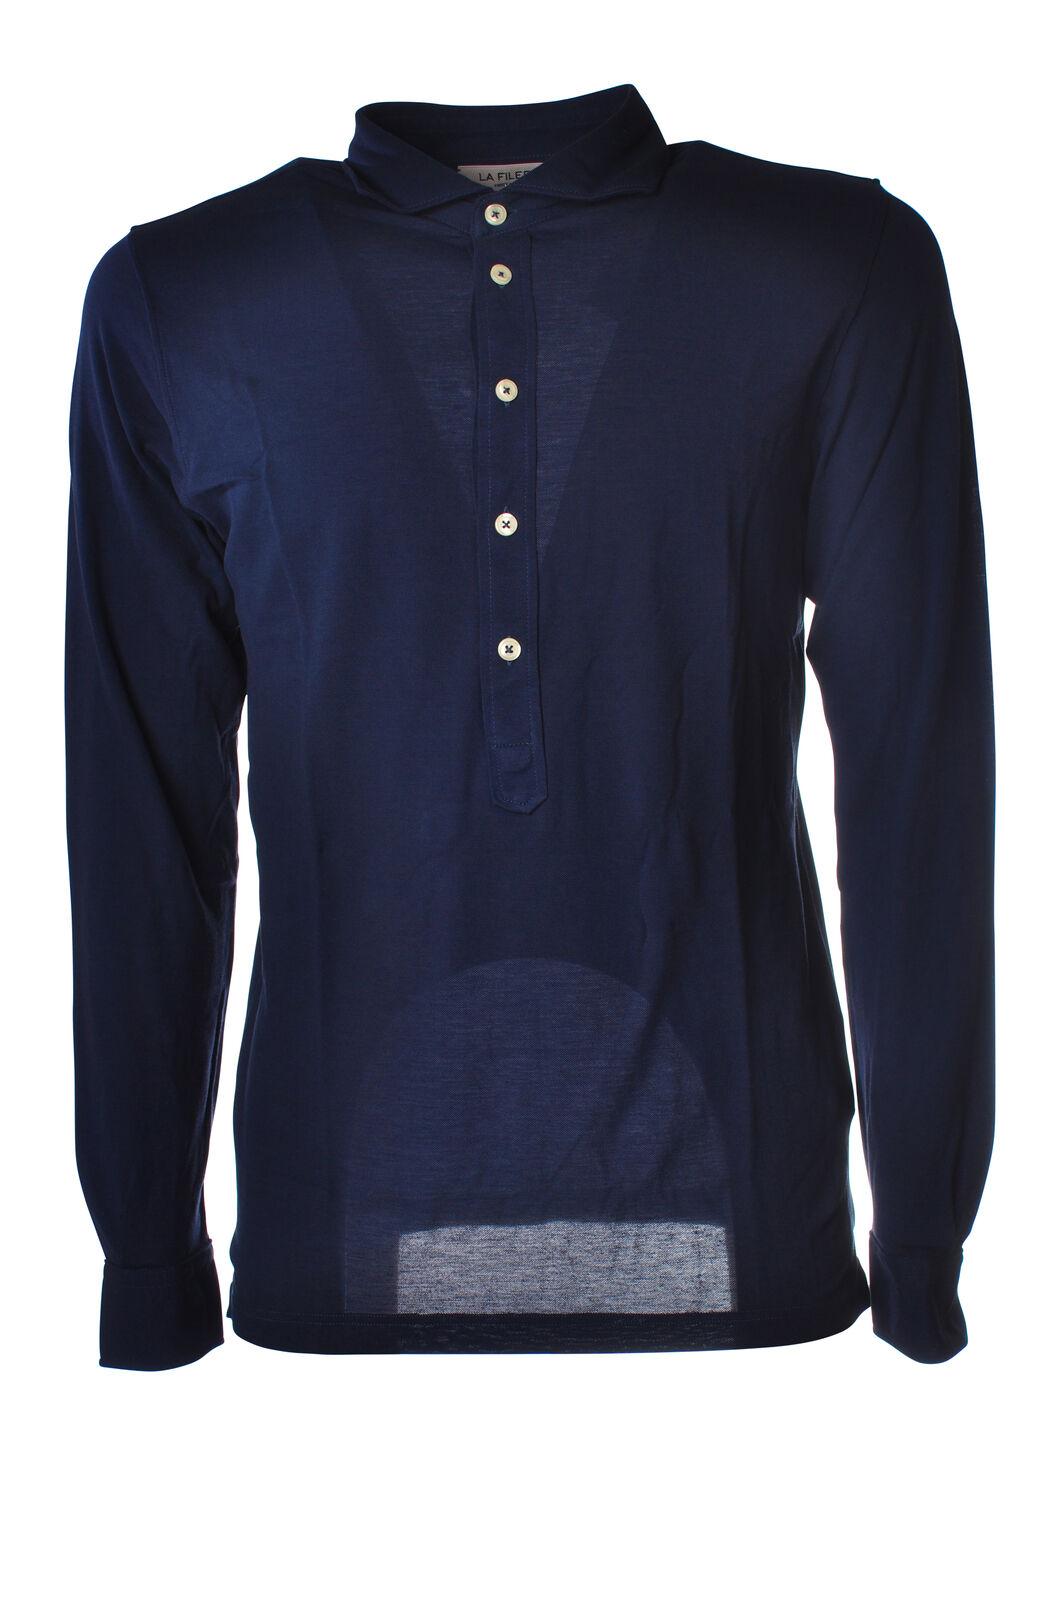 LA FILERIA - Topwear Polo - Mann - Blau - 5219516D181122